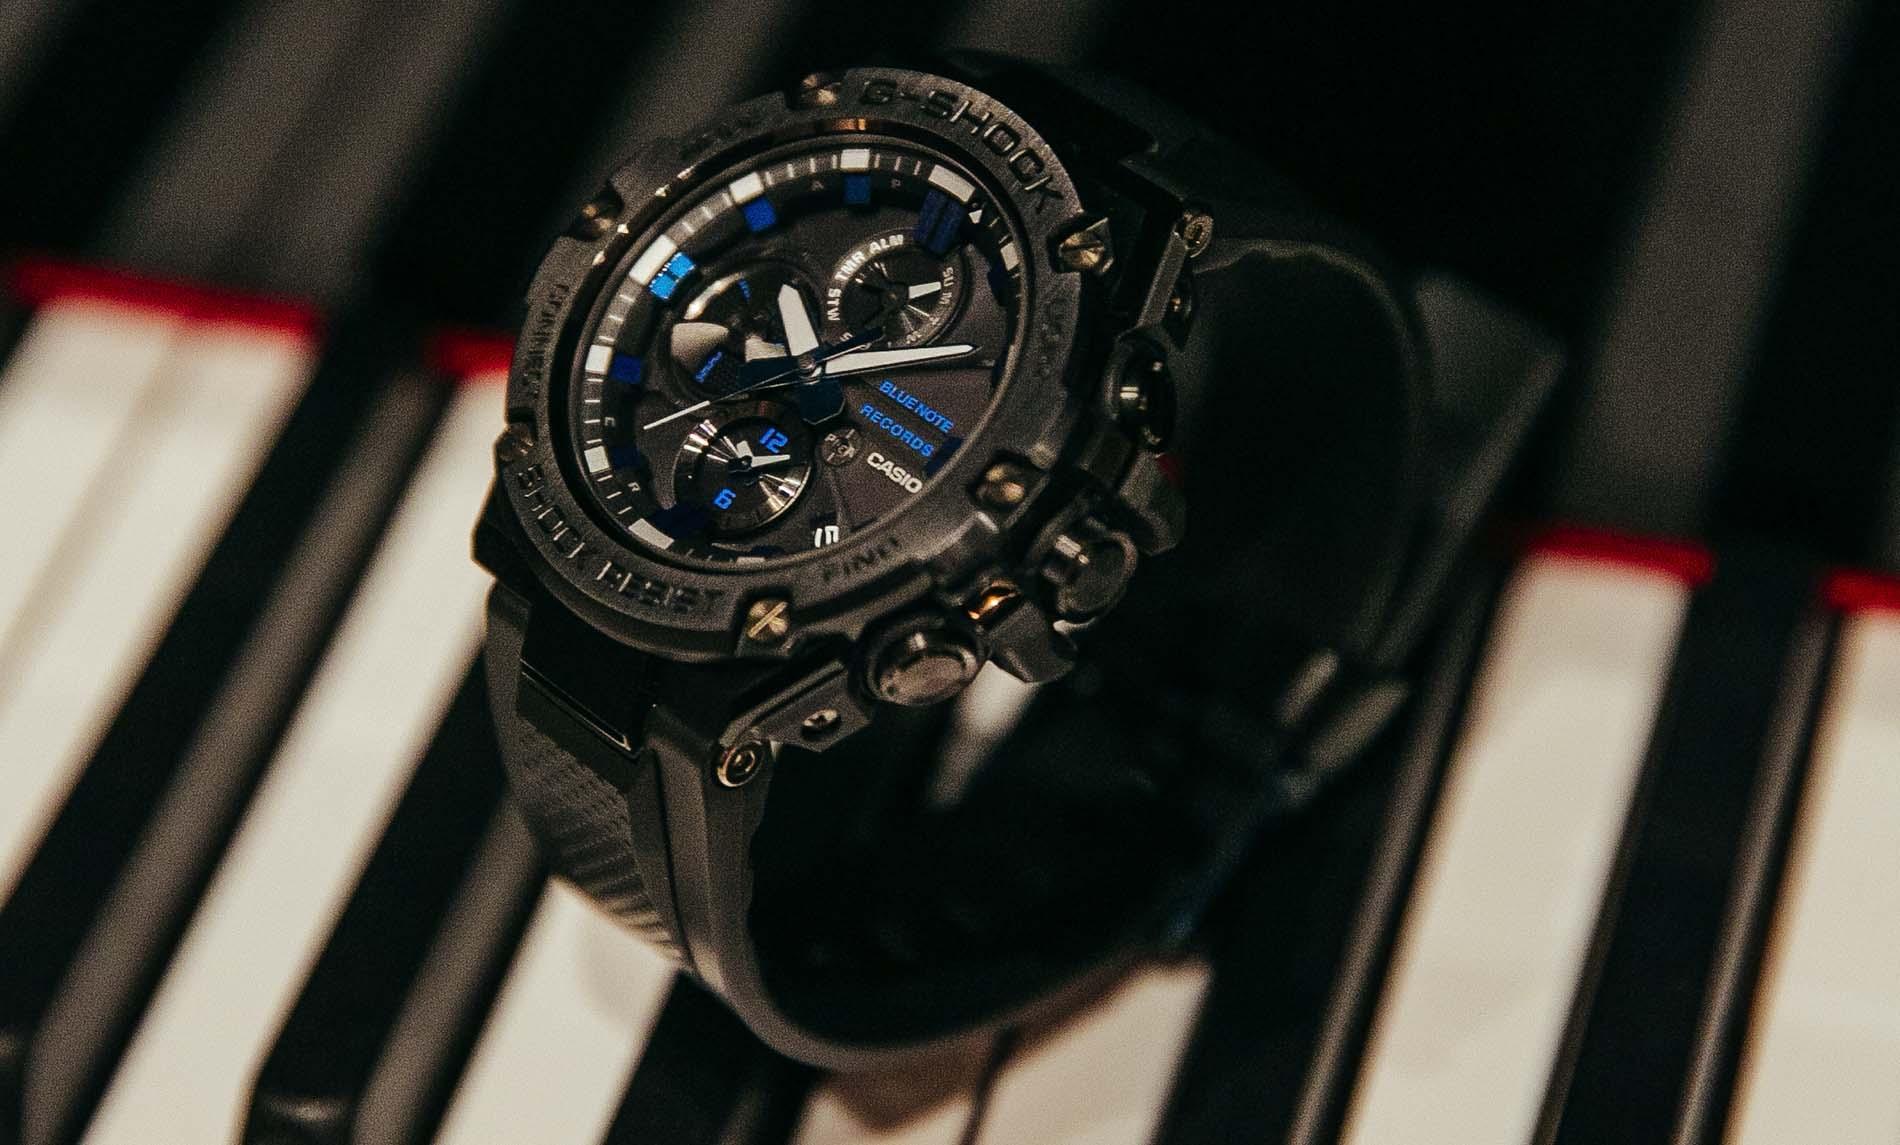 2b9d11be2545 CASIO evoluciona y presenta relojería con tecnología original y estética  premium en Baselworld 2019